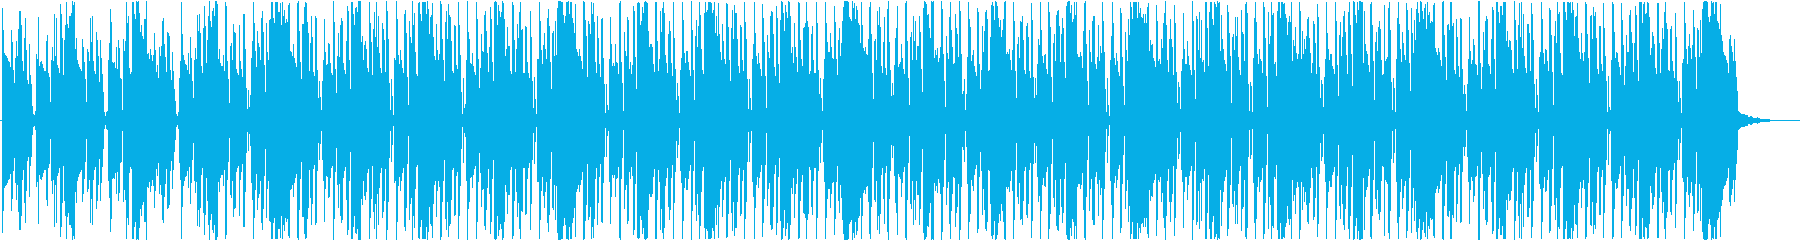 背景ヒップホップ、ファンクの再生済みの波形